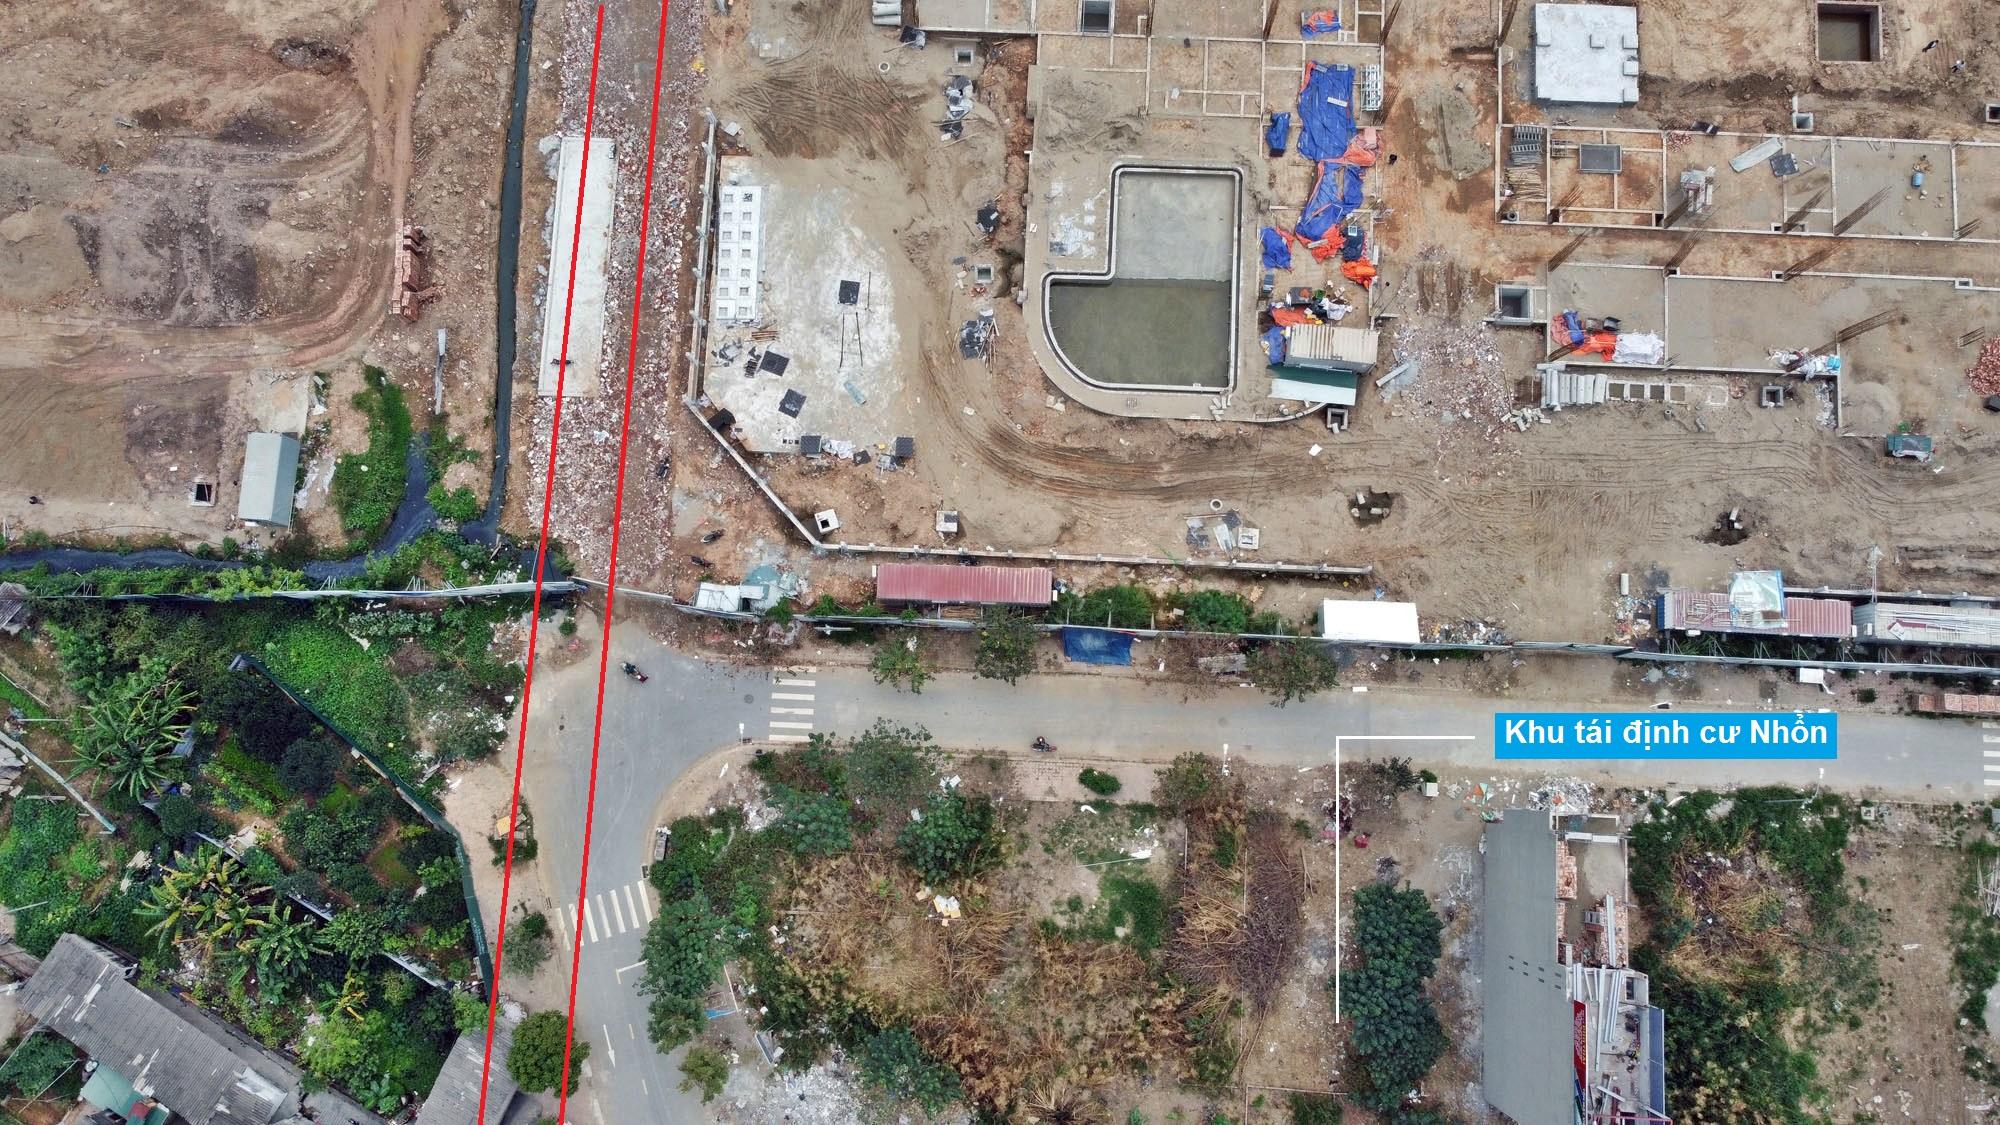 Ba đường sẽ mở theo qui hoạch ở phường Phương Canh, Nam Từ Liêm, Hà Nội (phần 2) - Ảnh 4.